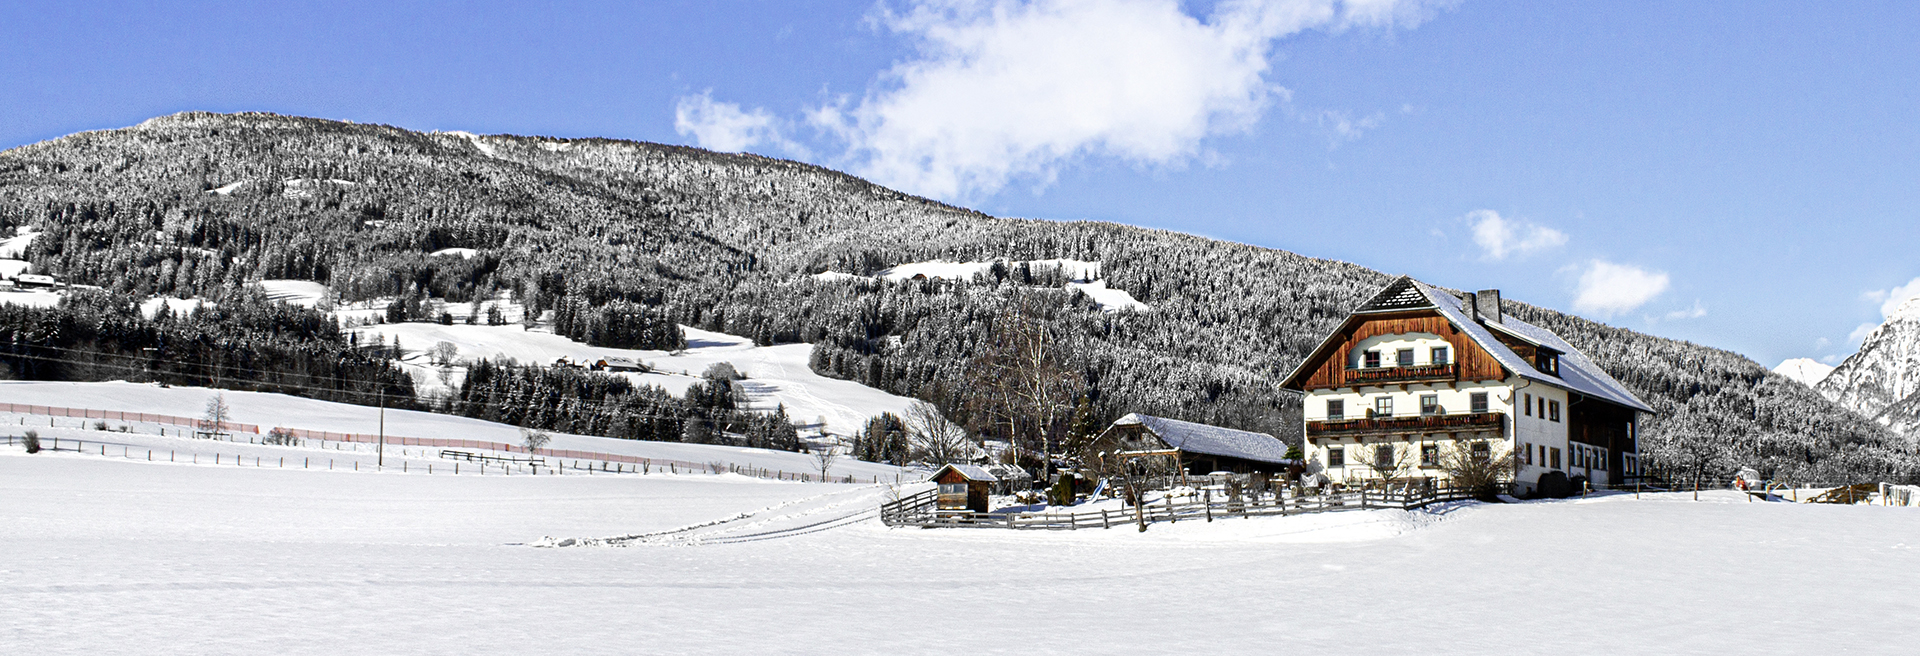 Restlhof_weiße Berge_WEB